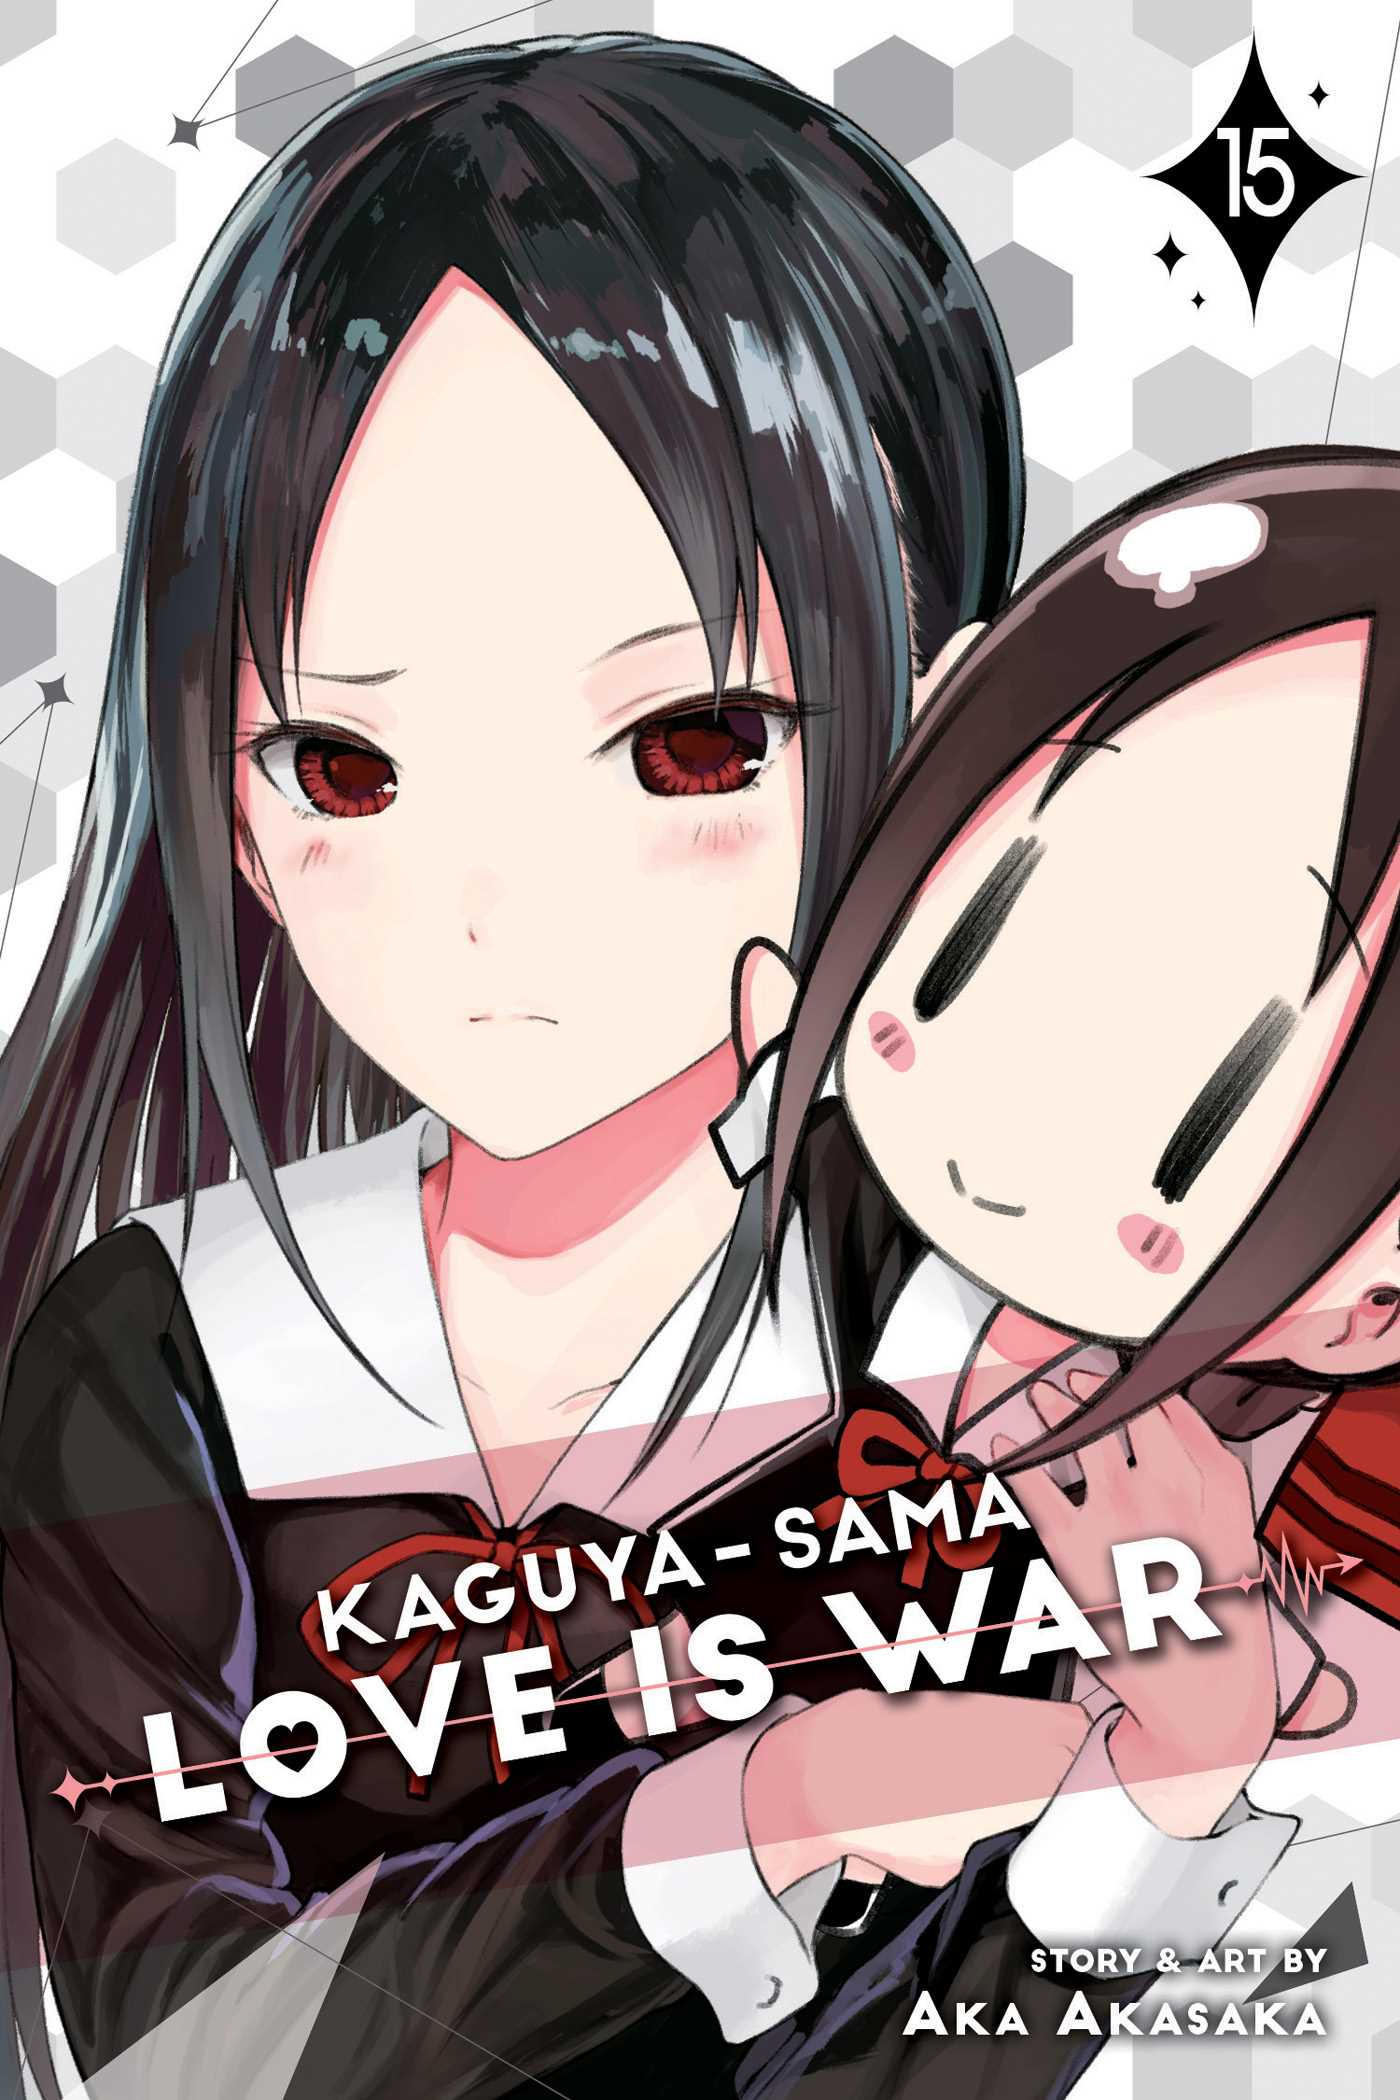 Kaguya Sama Love Is War Vol 15 Book By Aka Akasaka Official Publisher Page Simon Schuster